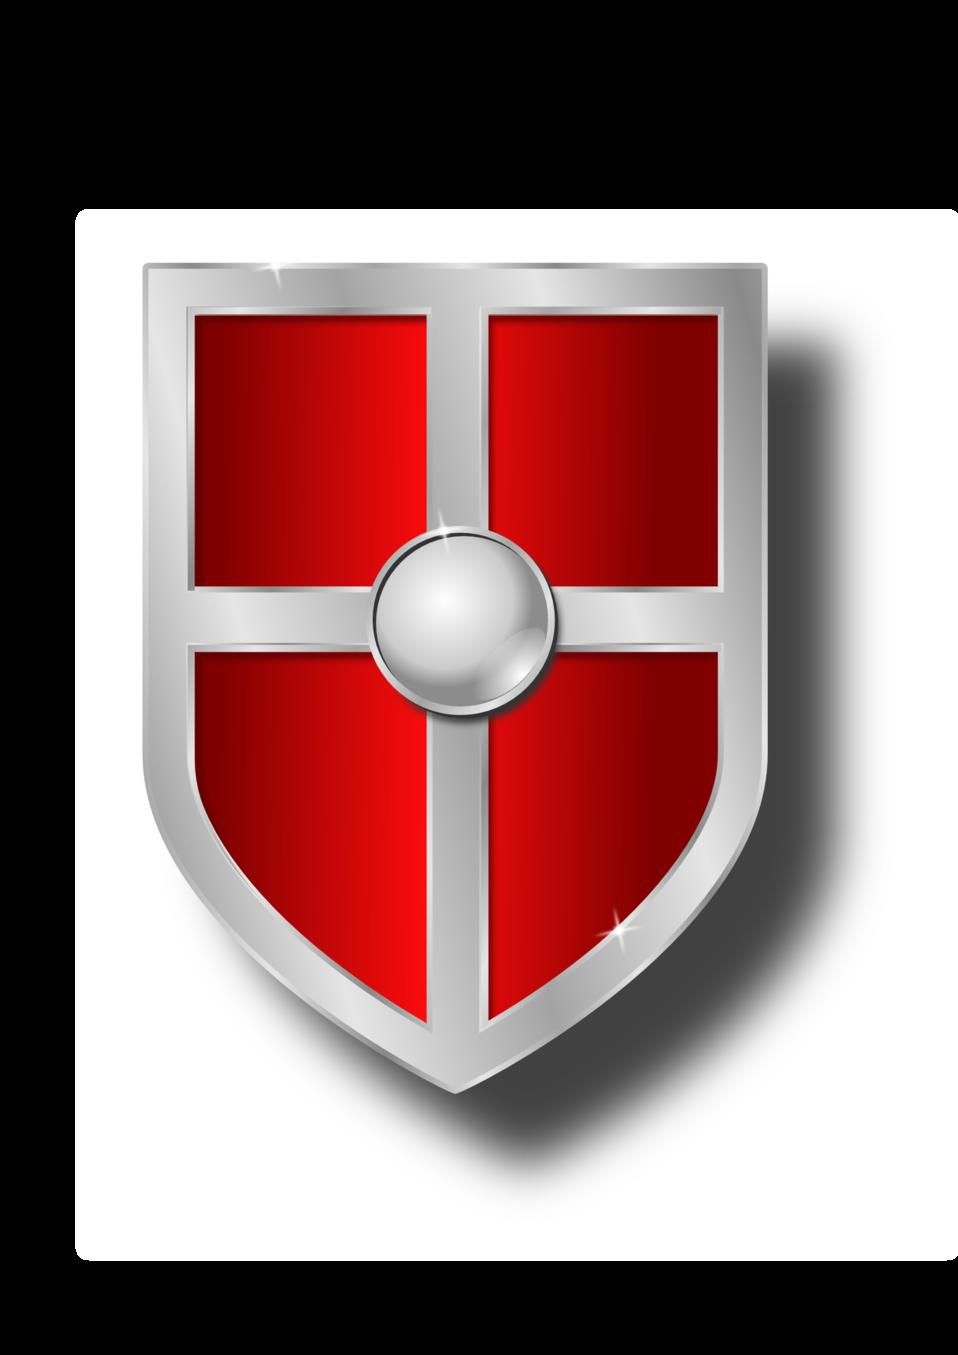 Clip art image weapon. Clipart shield public domain